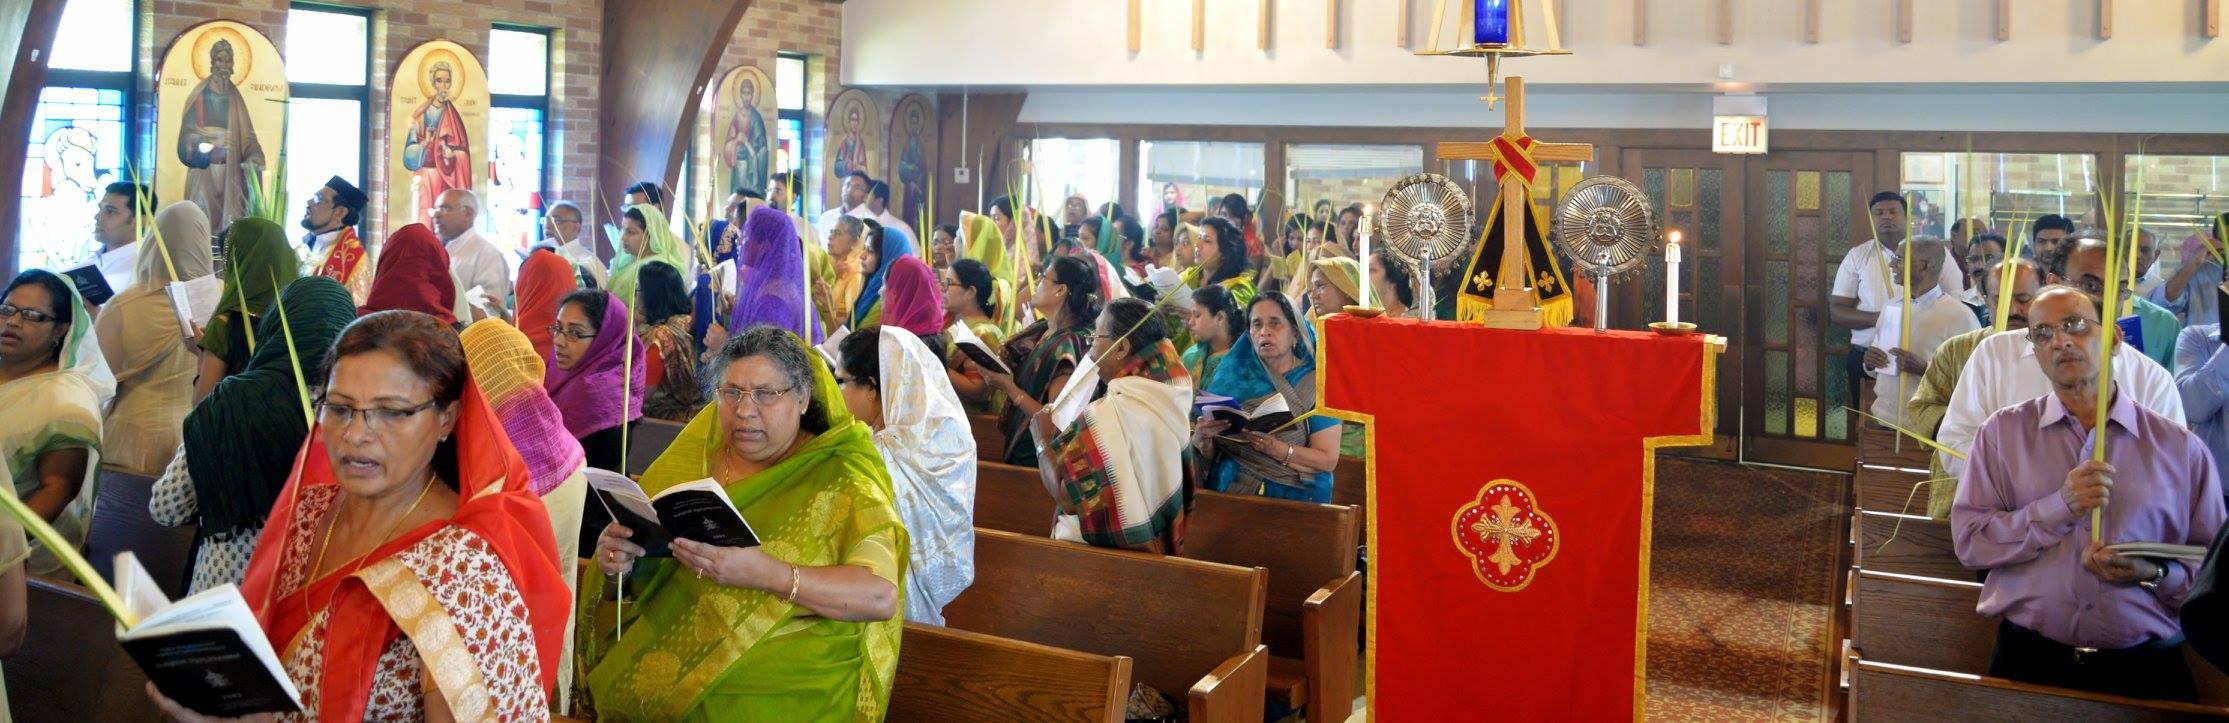 Palm Sunday Service on Apr 9th, 2017